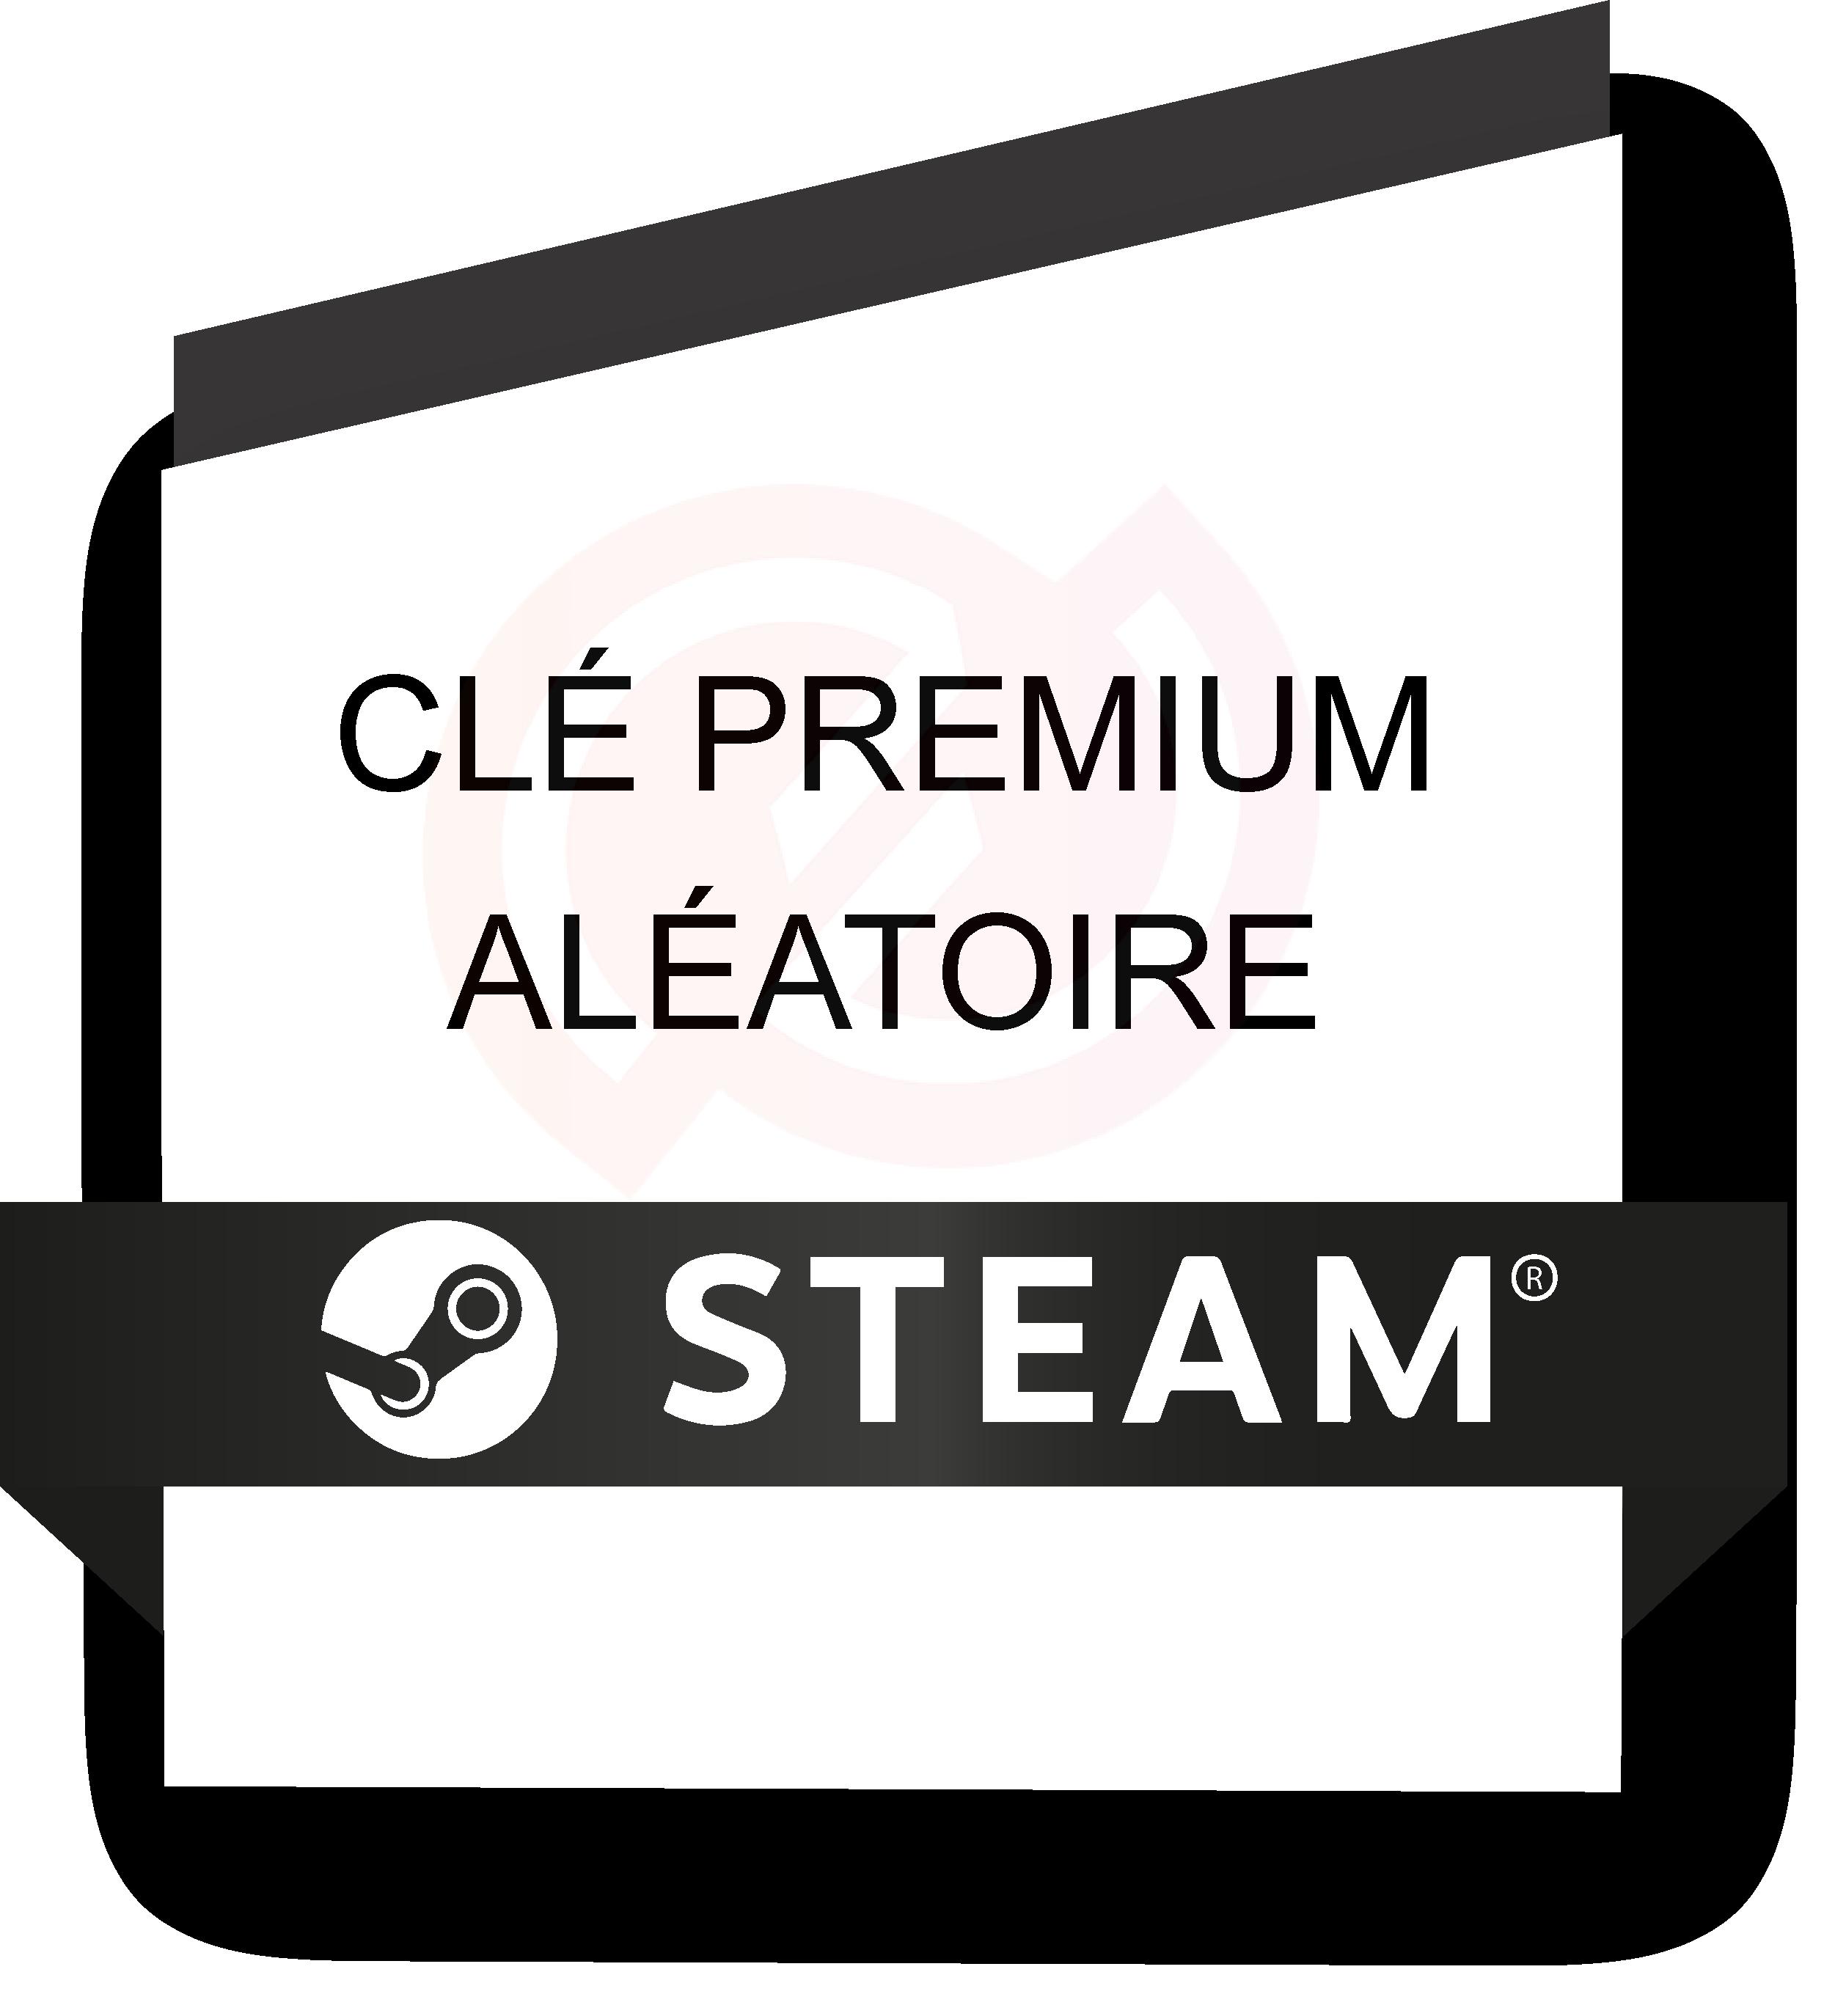 acheter steam wallet card 20 en ligne par appel cb. Black Bedroom Furniture Sets. Home Design Ideas